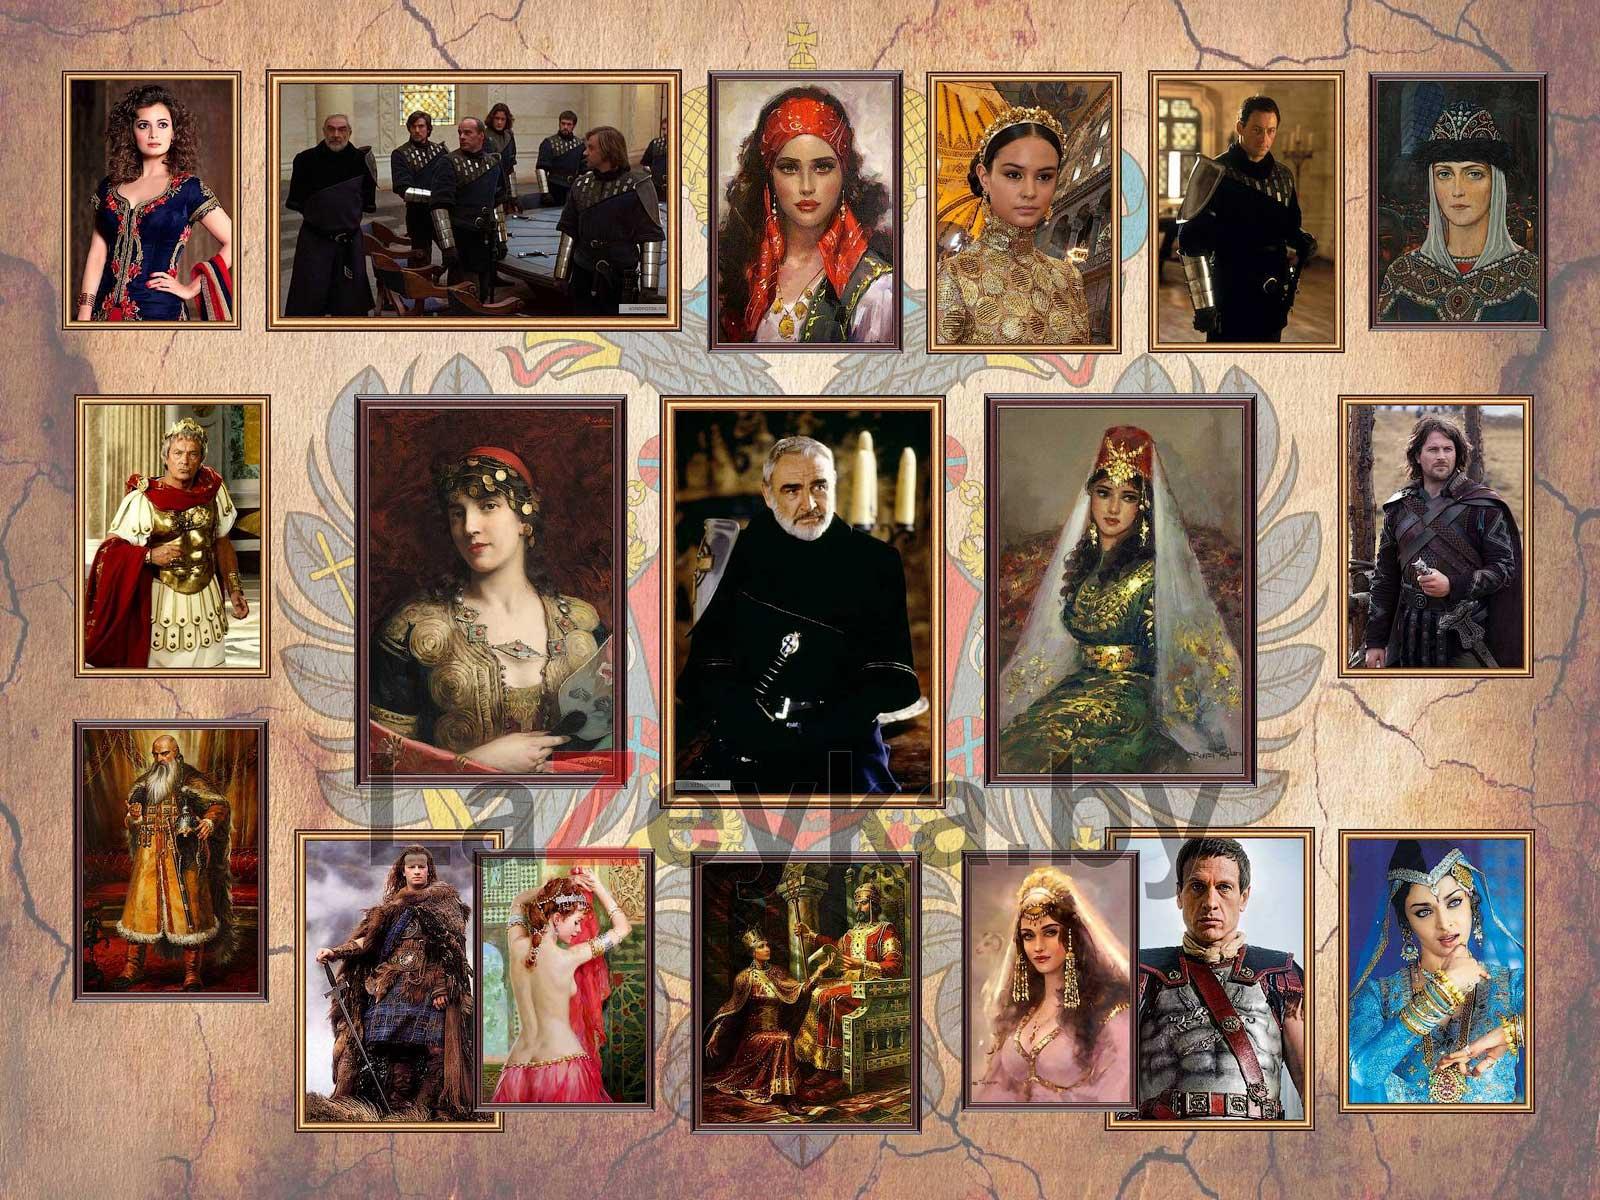 Альтернативная история Руси (проект «Слава Роду»)